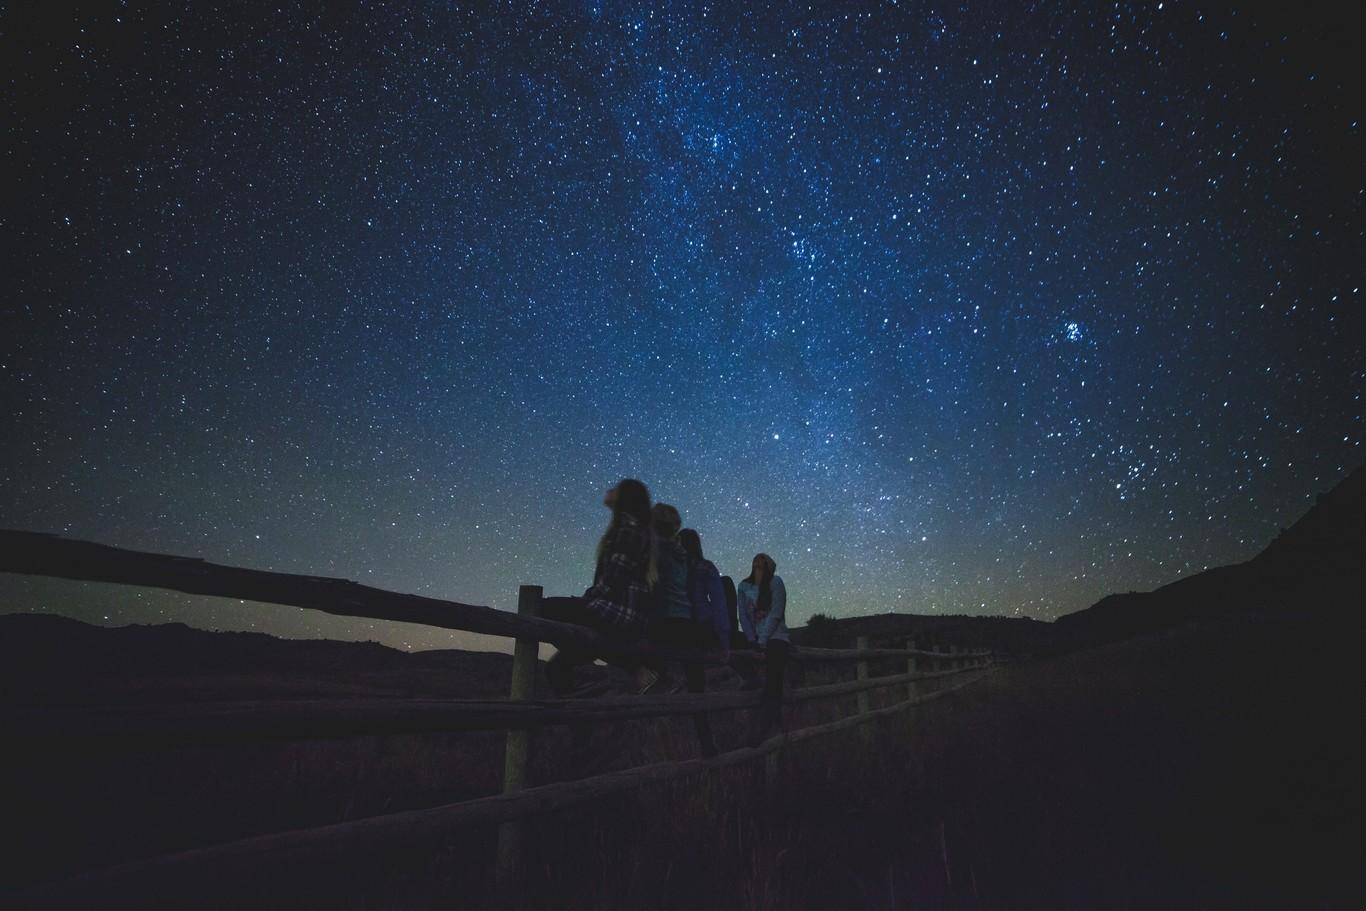 El cielo de una noche de verano - Cover